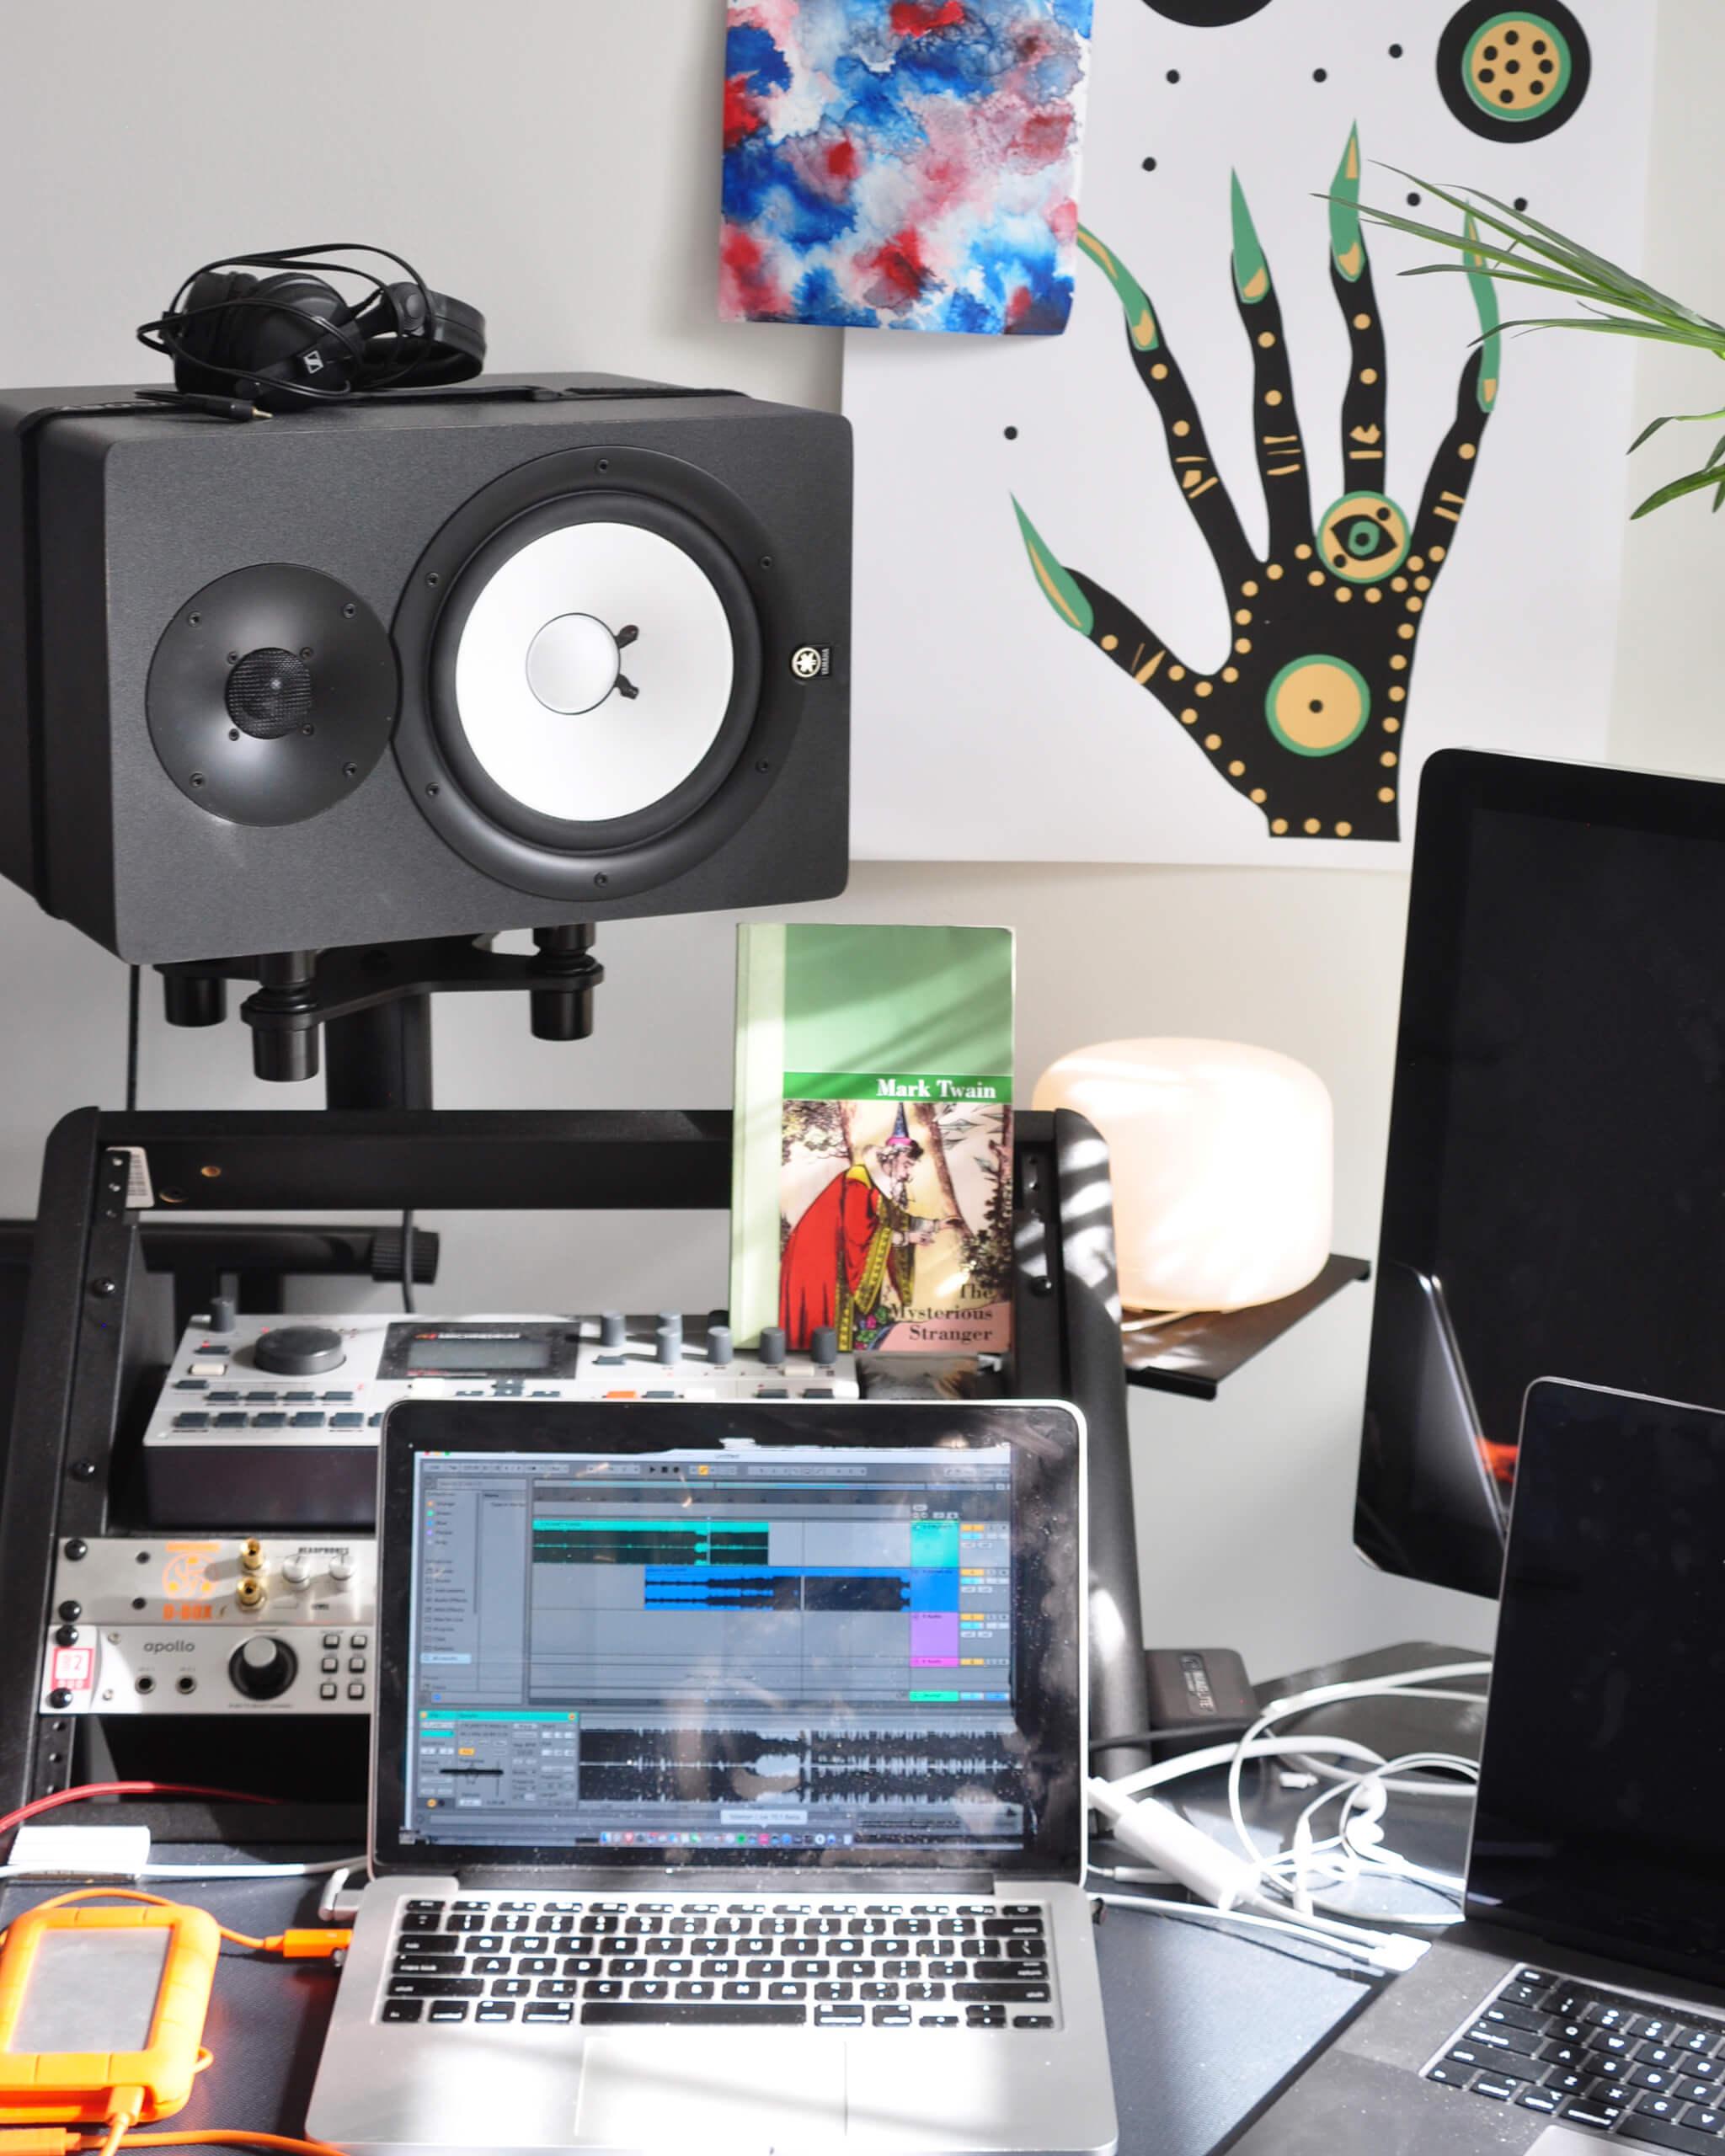 Bauuer Big Interview - Desk